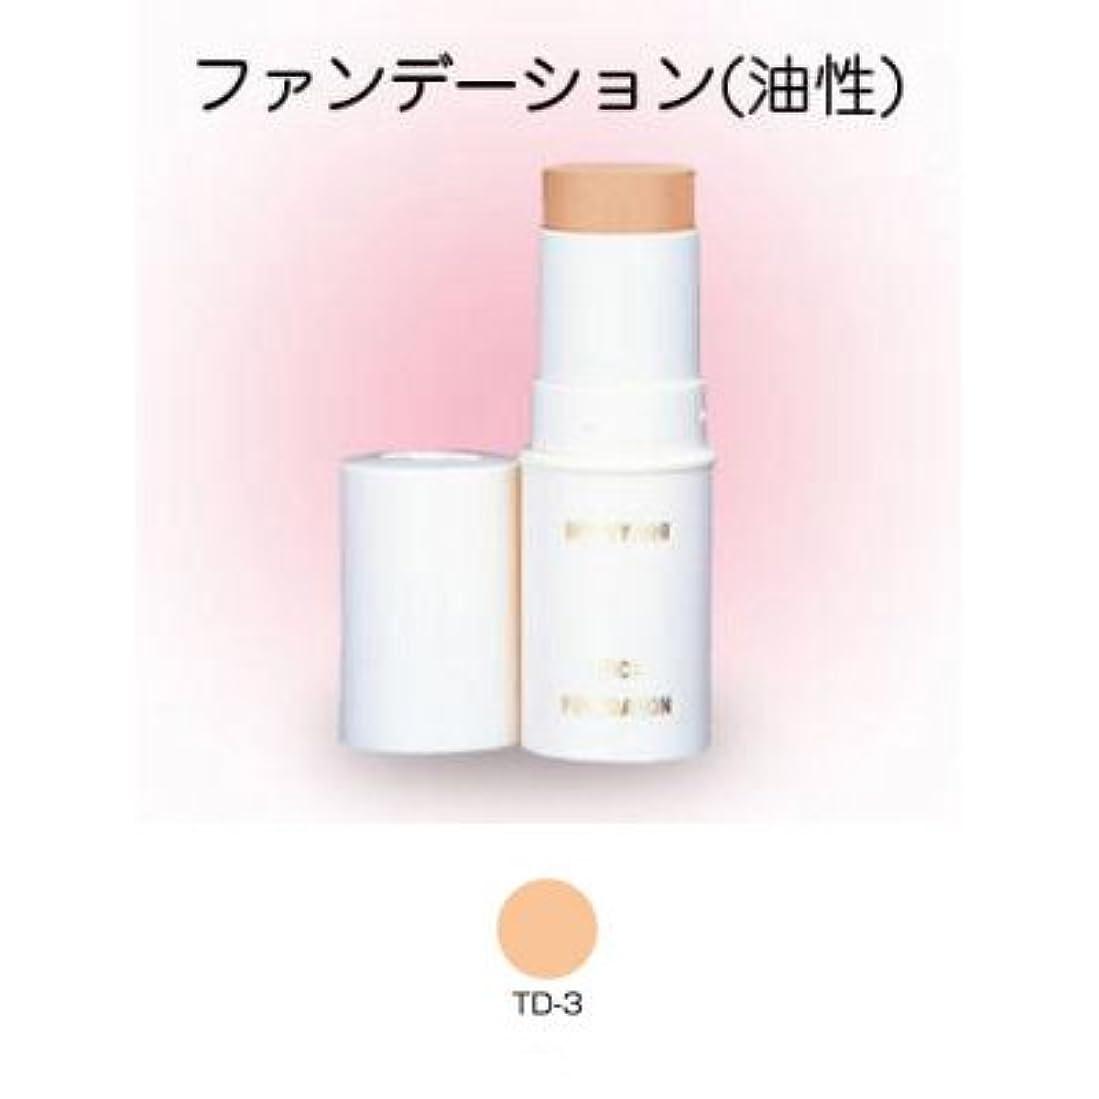 雑種リフレッシュ消毒するスティックファンデーション 16g TD-3 【三善】